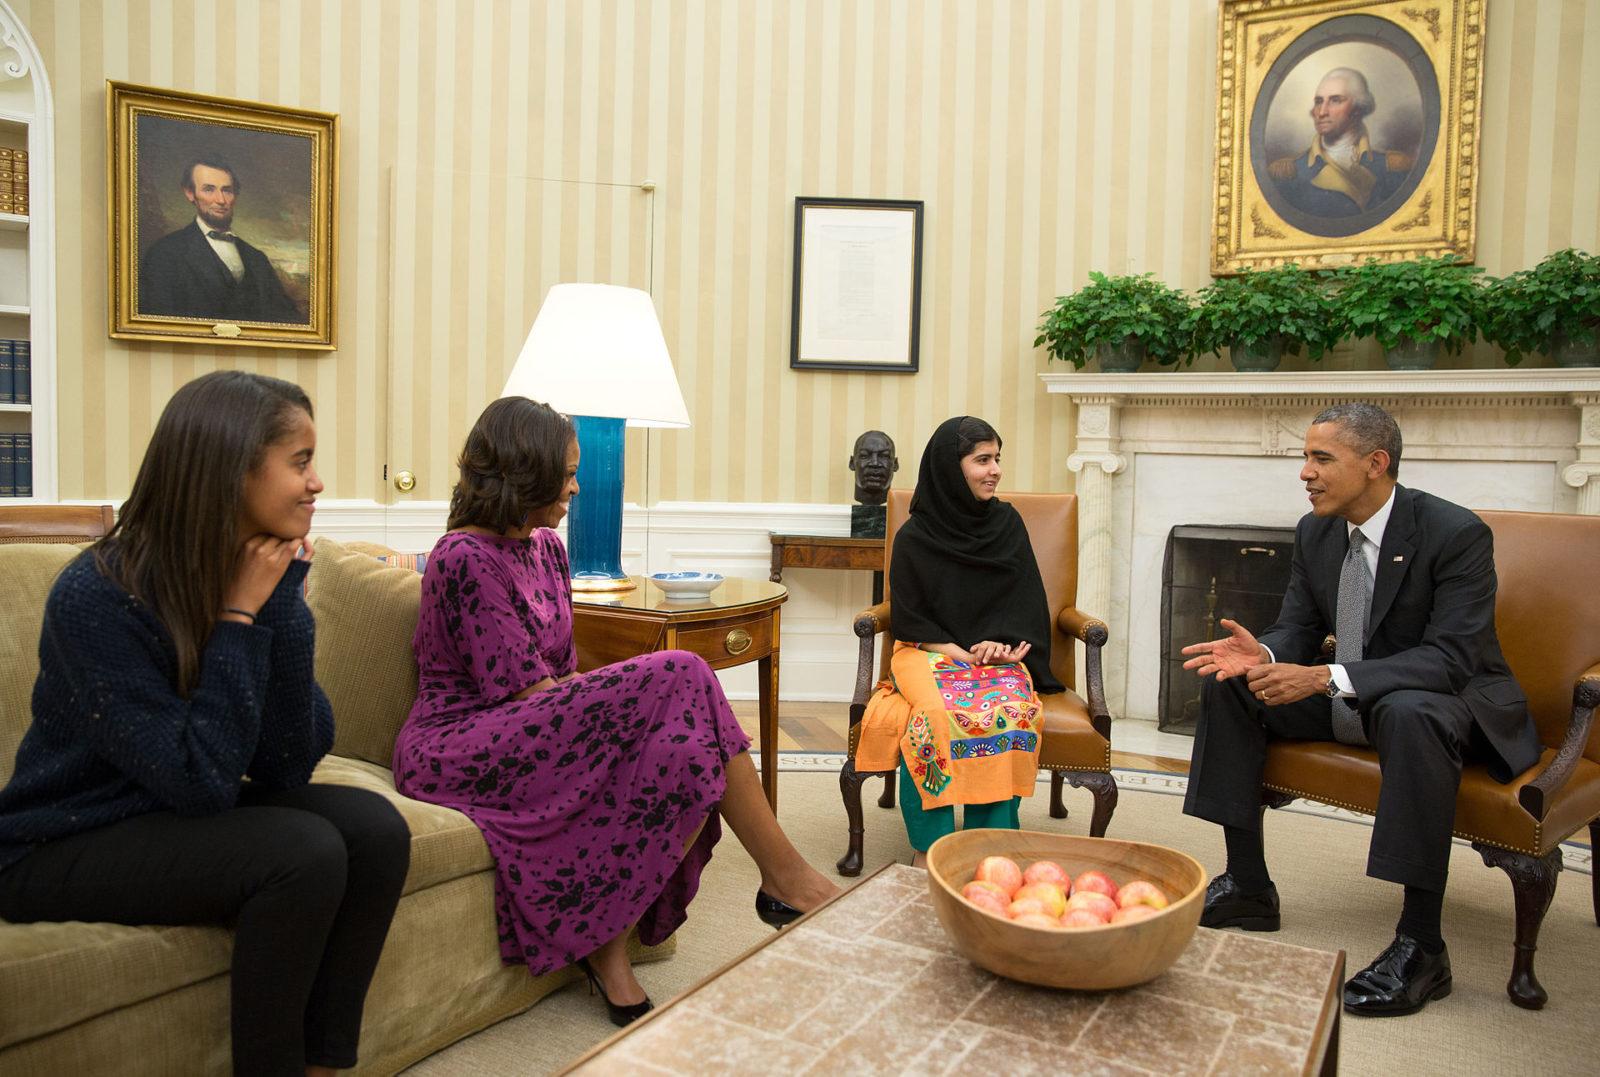 L'éducation en Asie à travers l'exemple de Malala